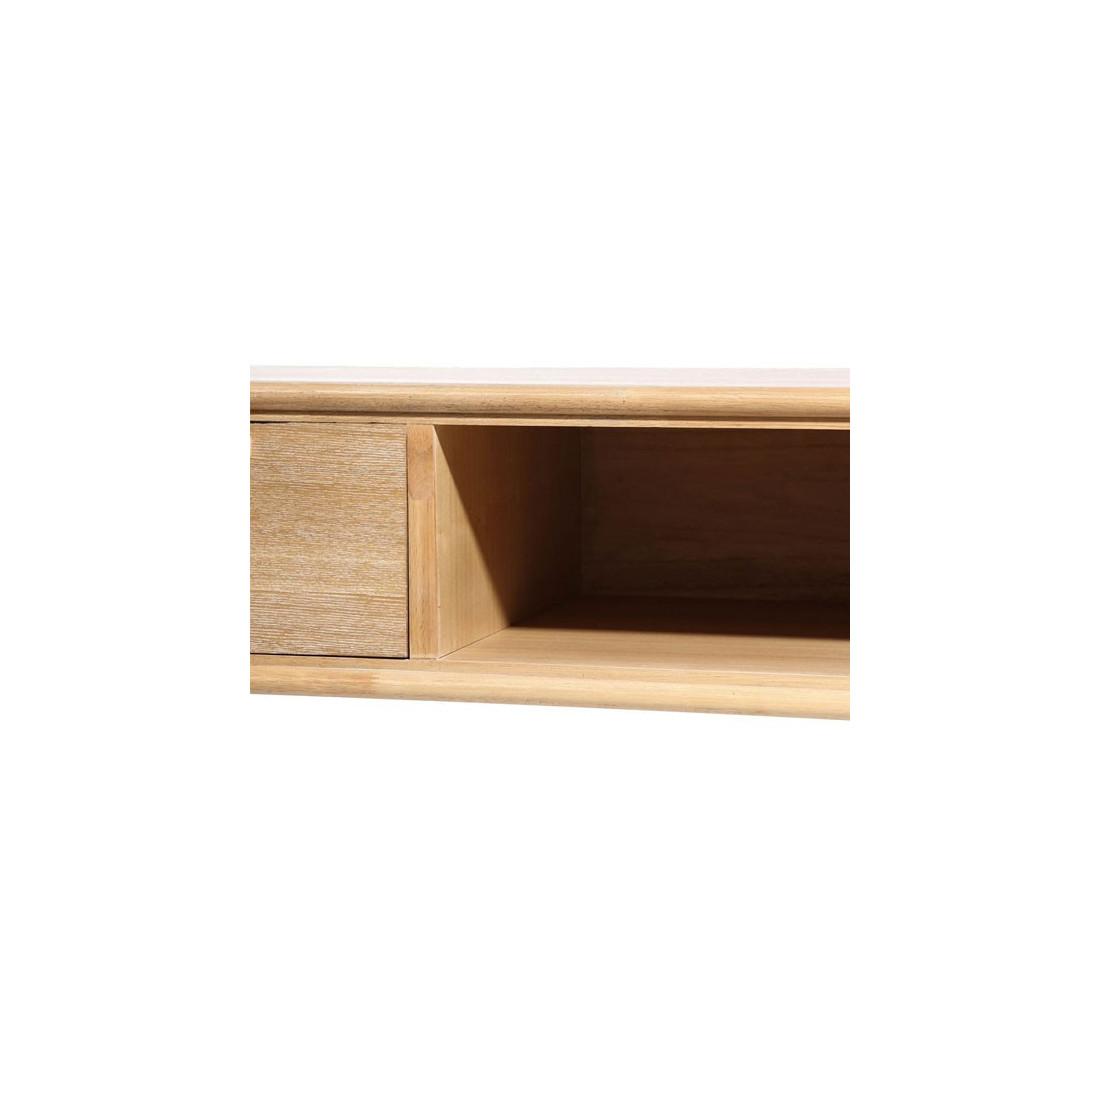 Meuble TV Bois Naturel 2 tiroirs, 1 niche BERGEN Univers du Salon # Meuble Tv Bois Naturel